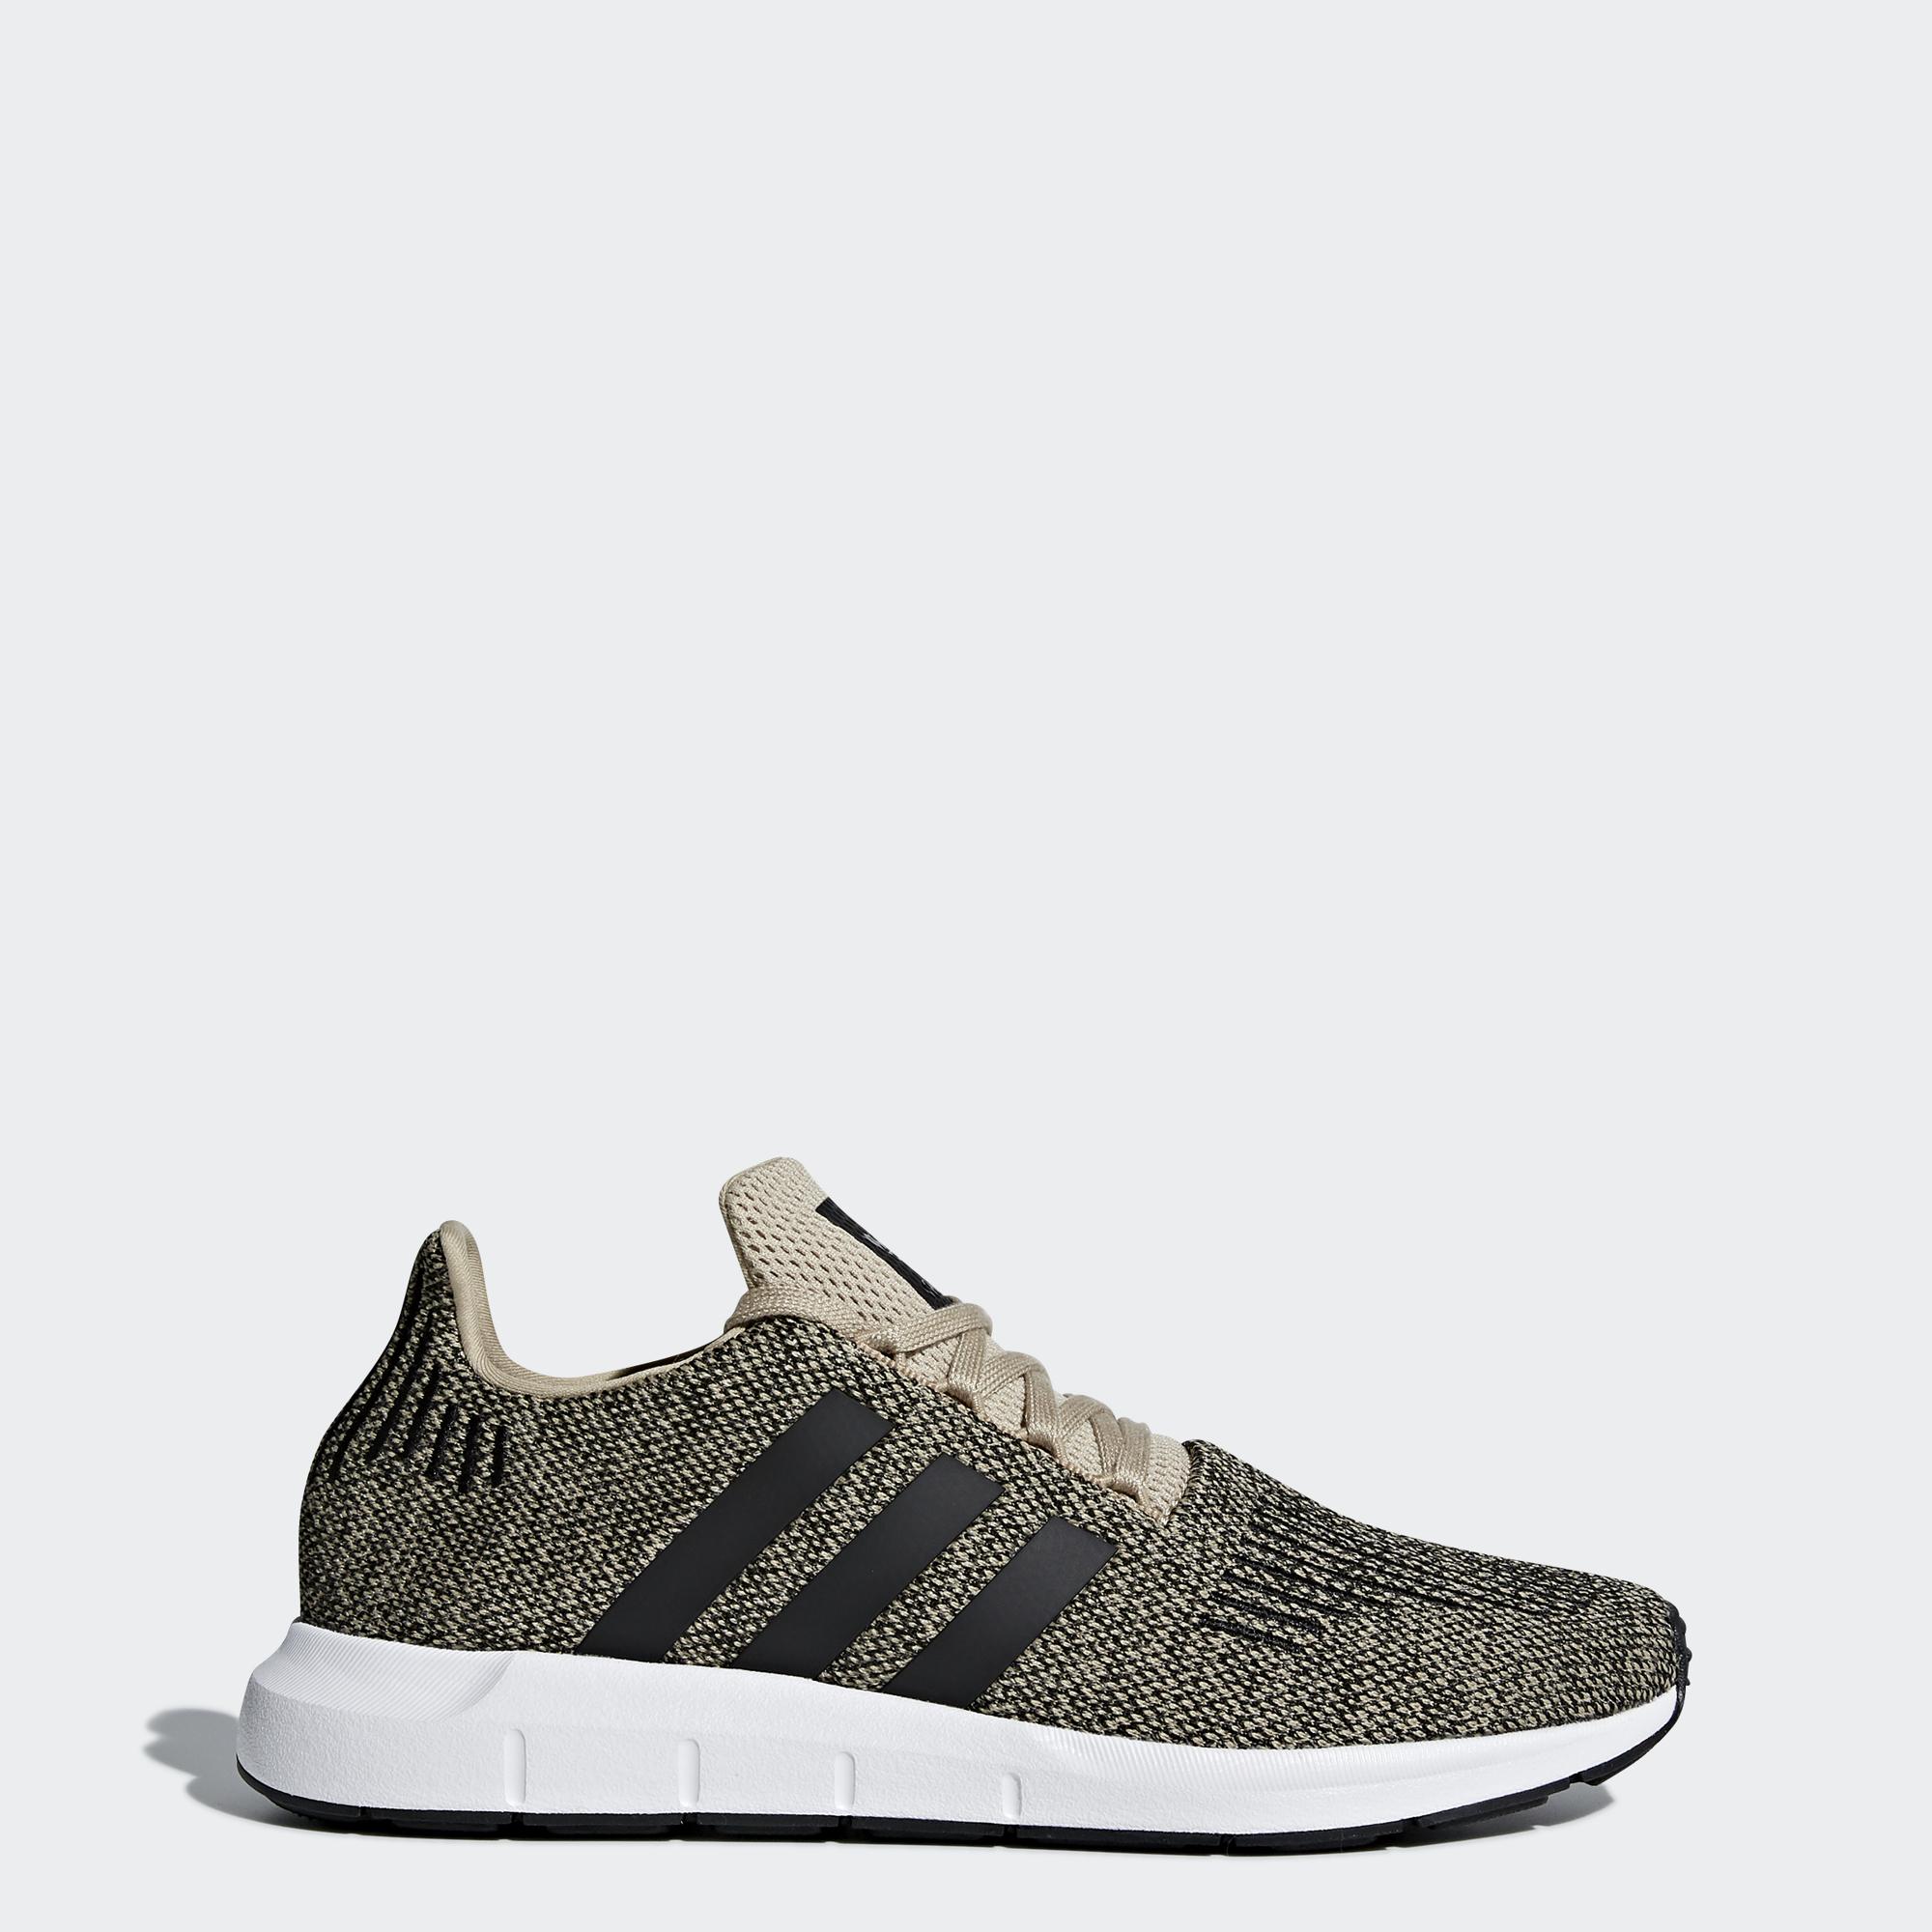 Pánske tenisky Adidas Originals Swift Run CQ2117 - Teniskovo.online 64d60175c80